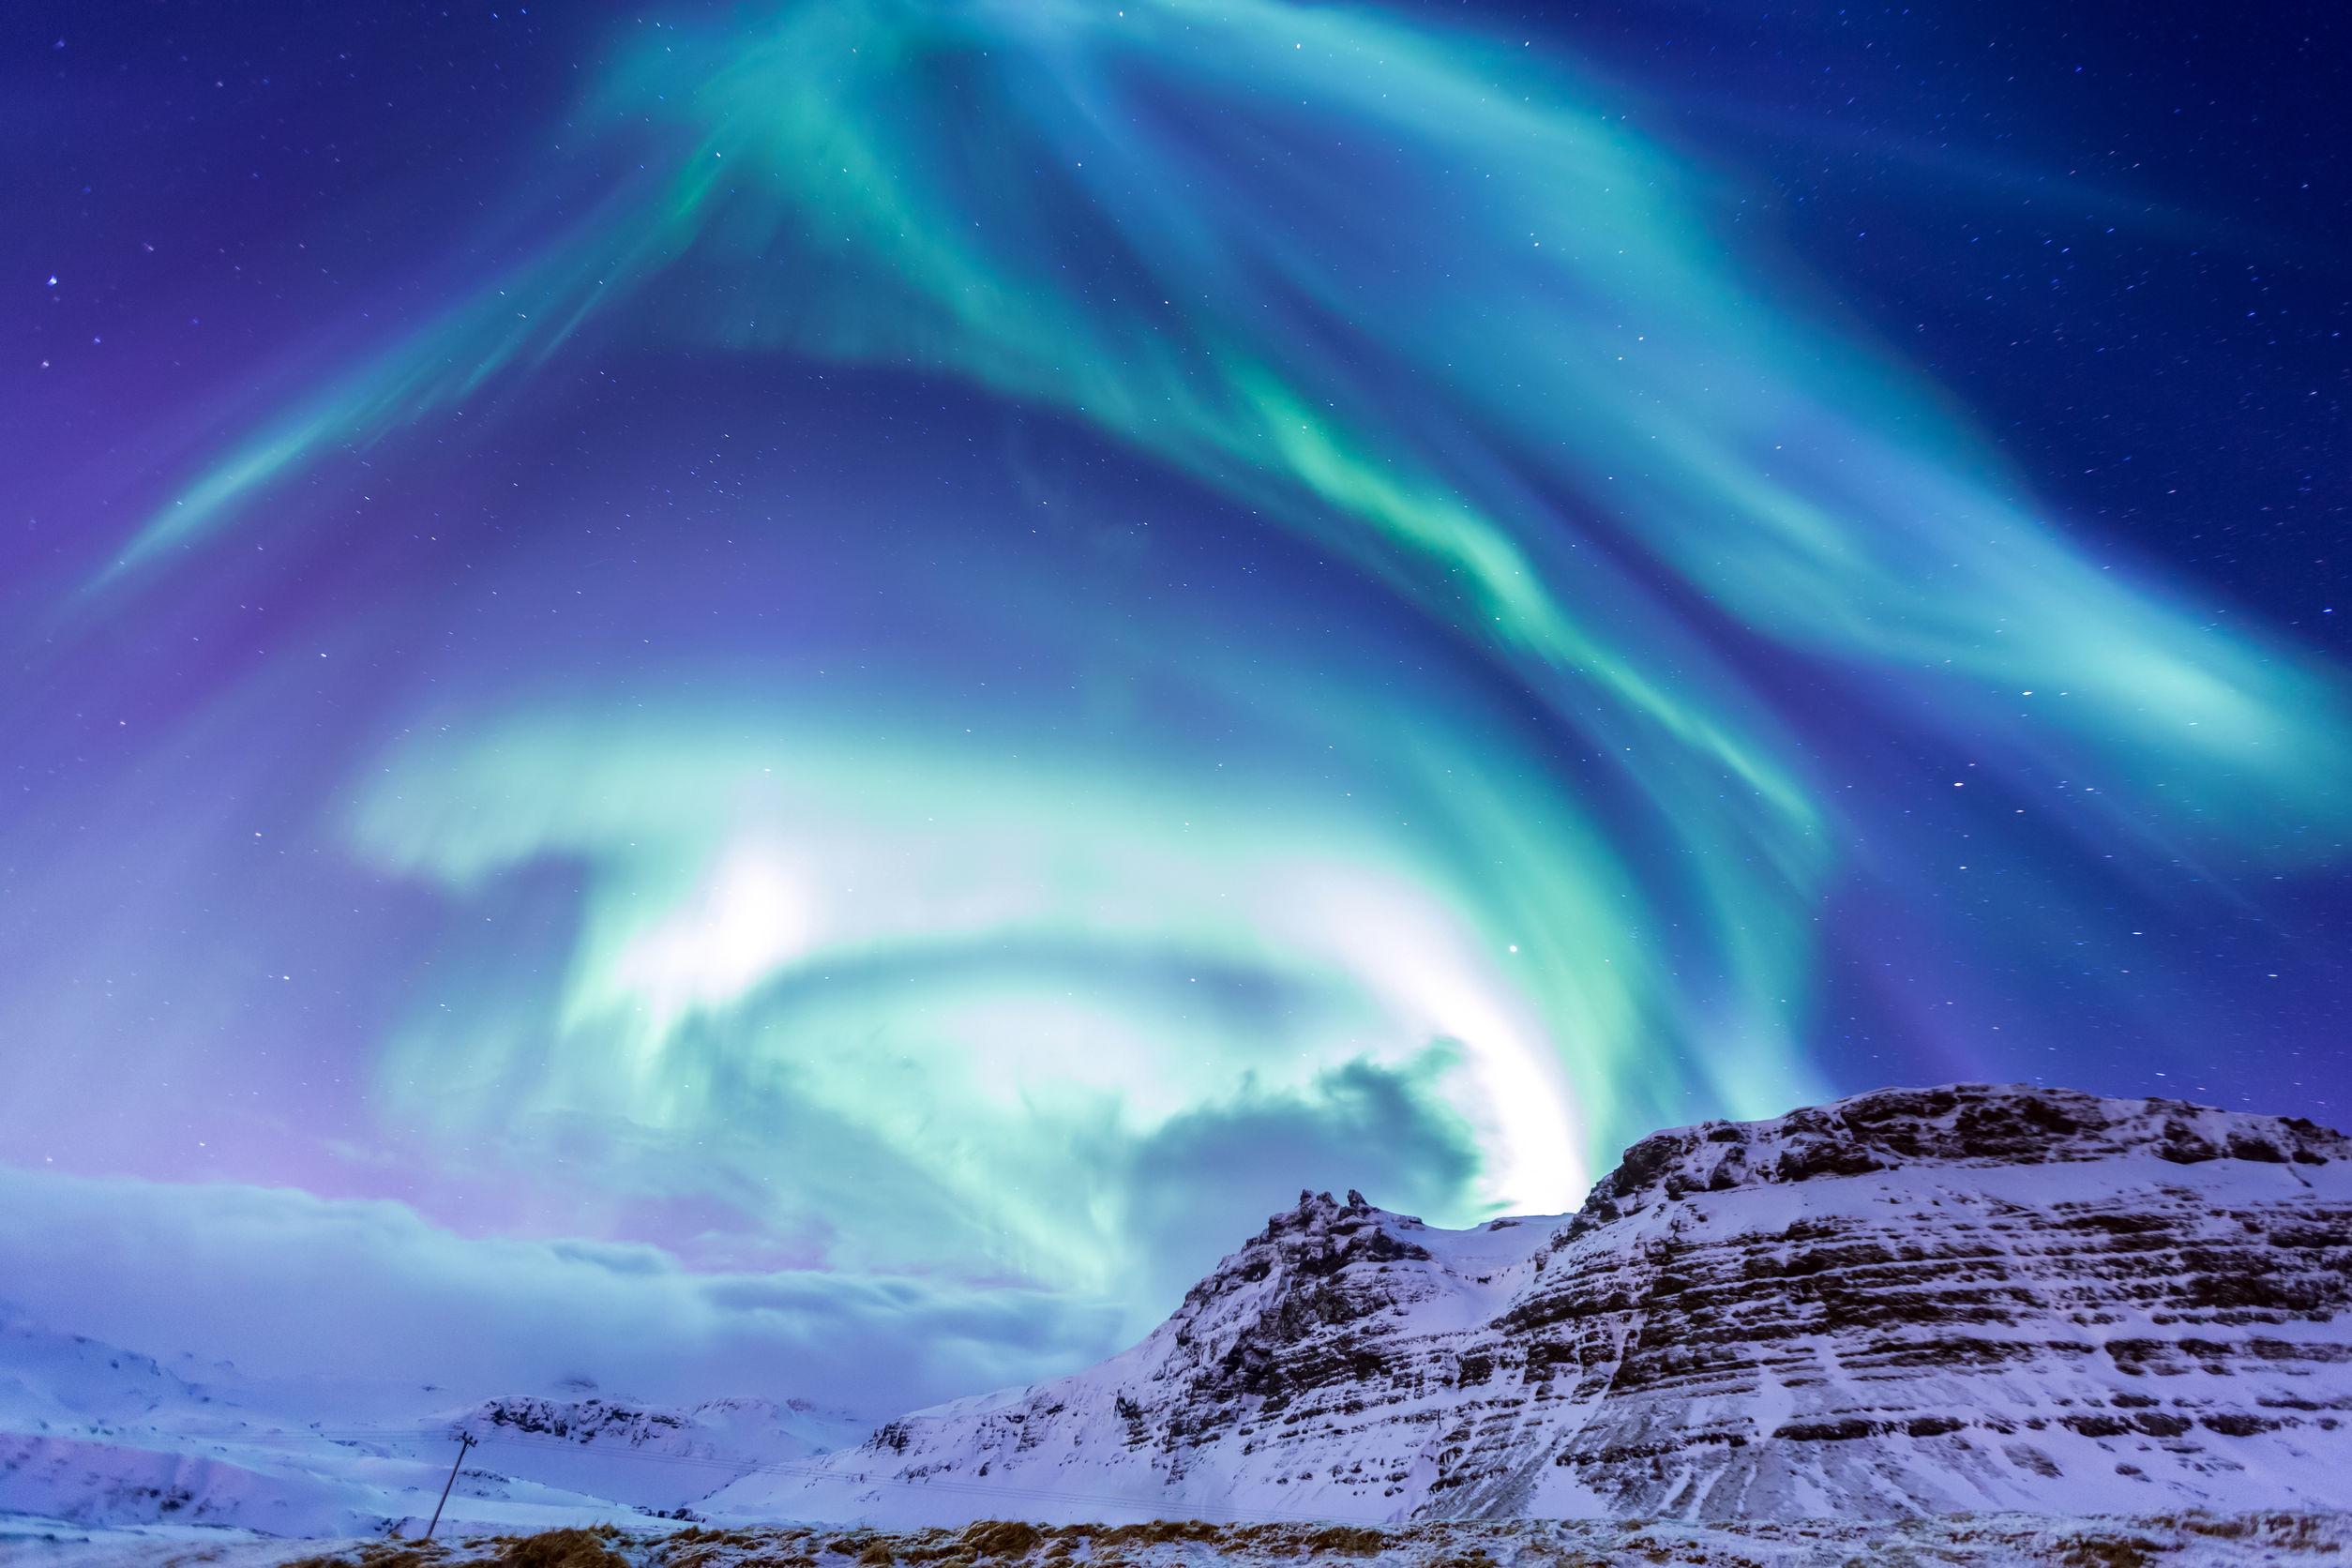 Wonderful Iceland 10 วัน 8 คืน (ล่าแสงเหนือ)